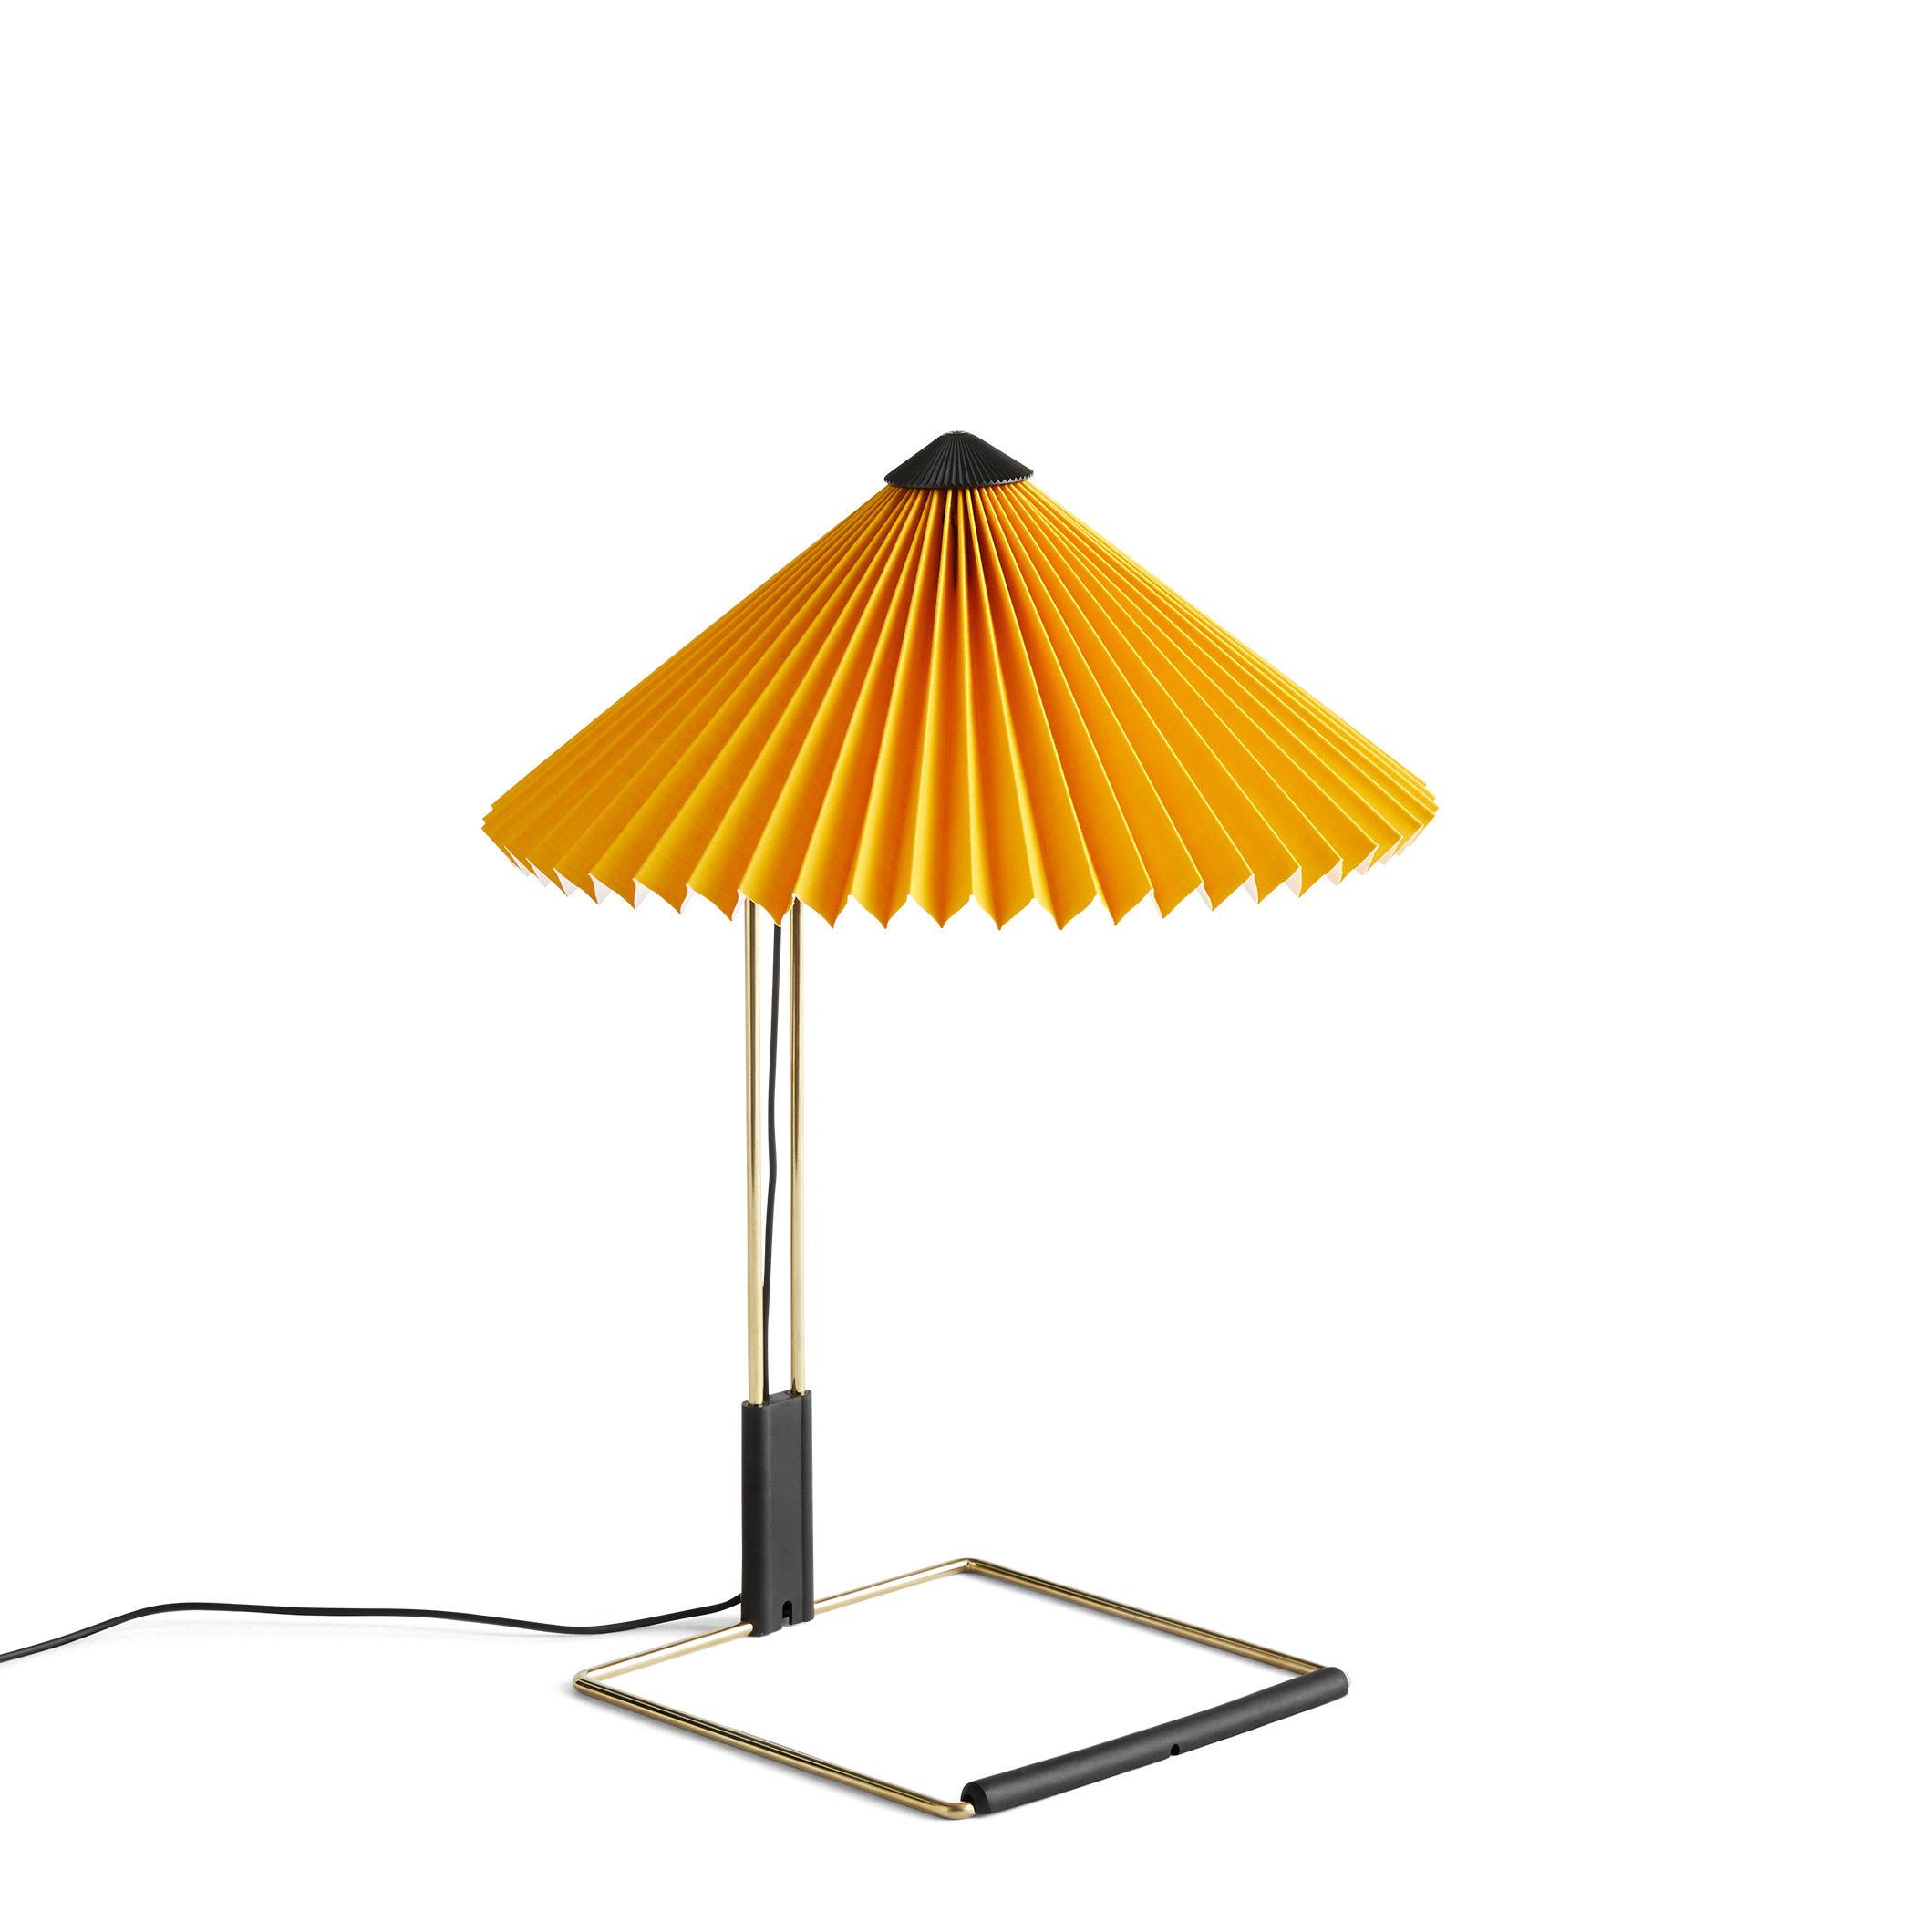 Lampada Da Tavolo Matin Small Di Hay Giallo Made In Design